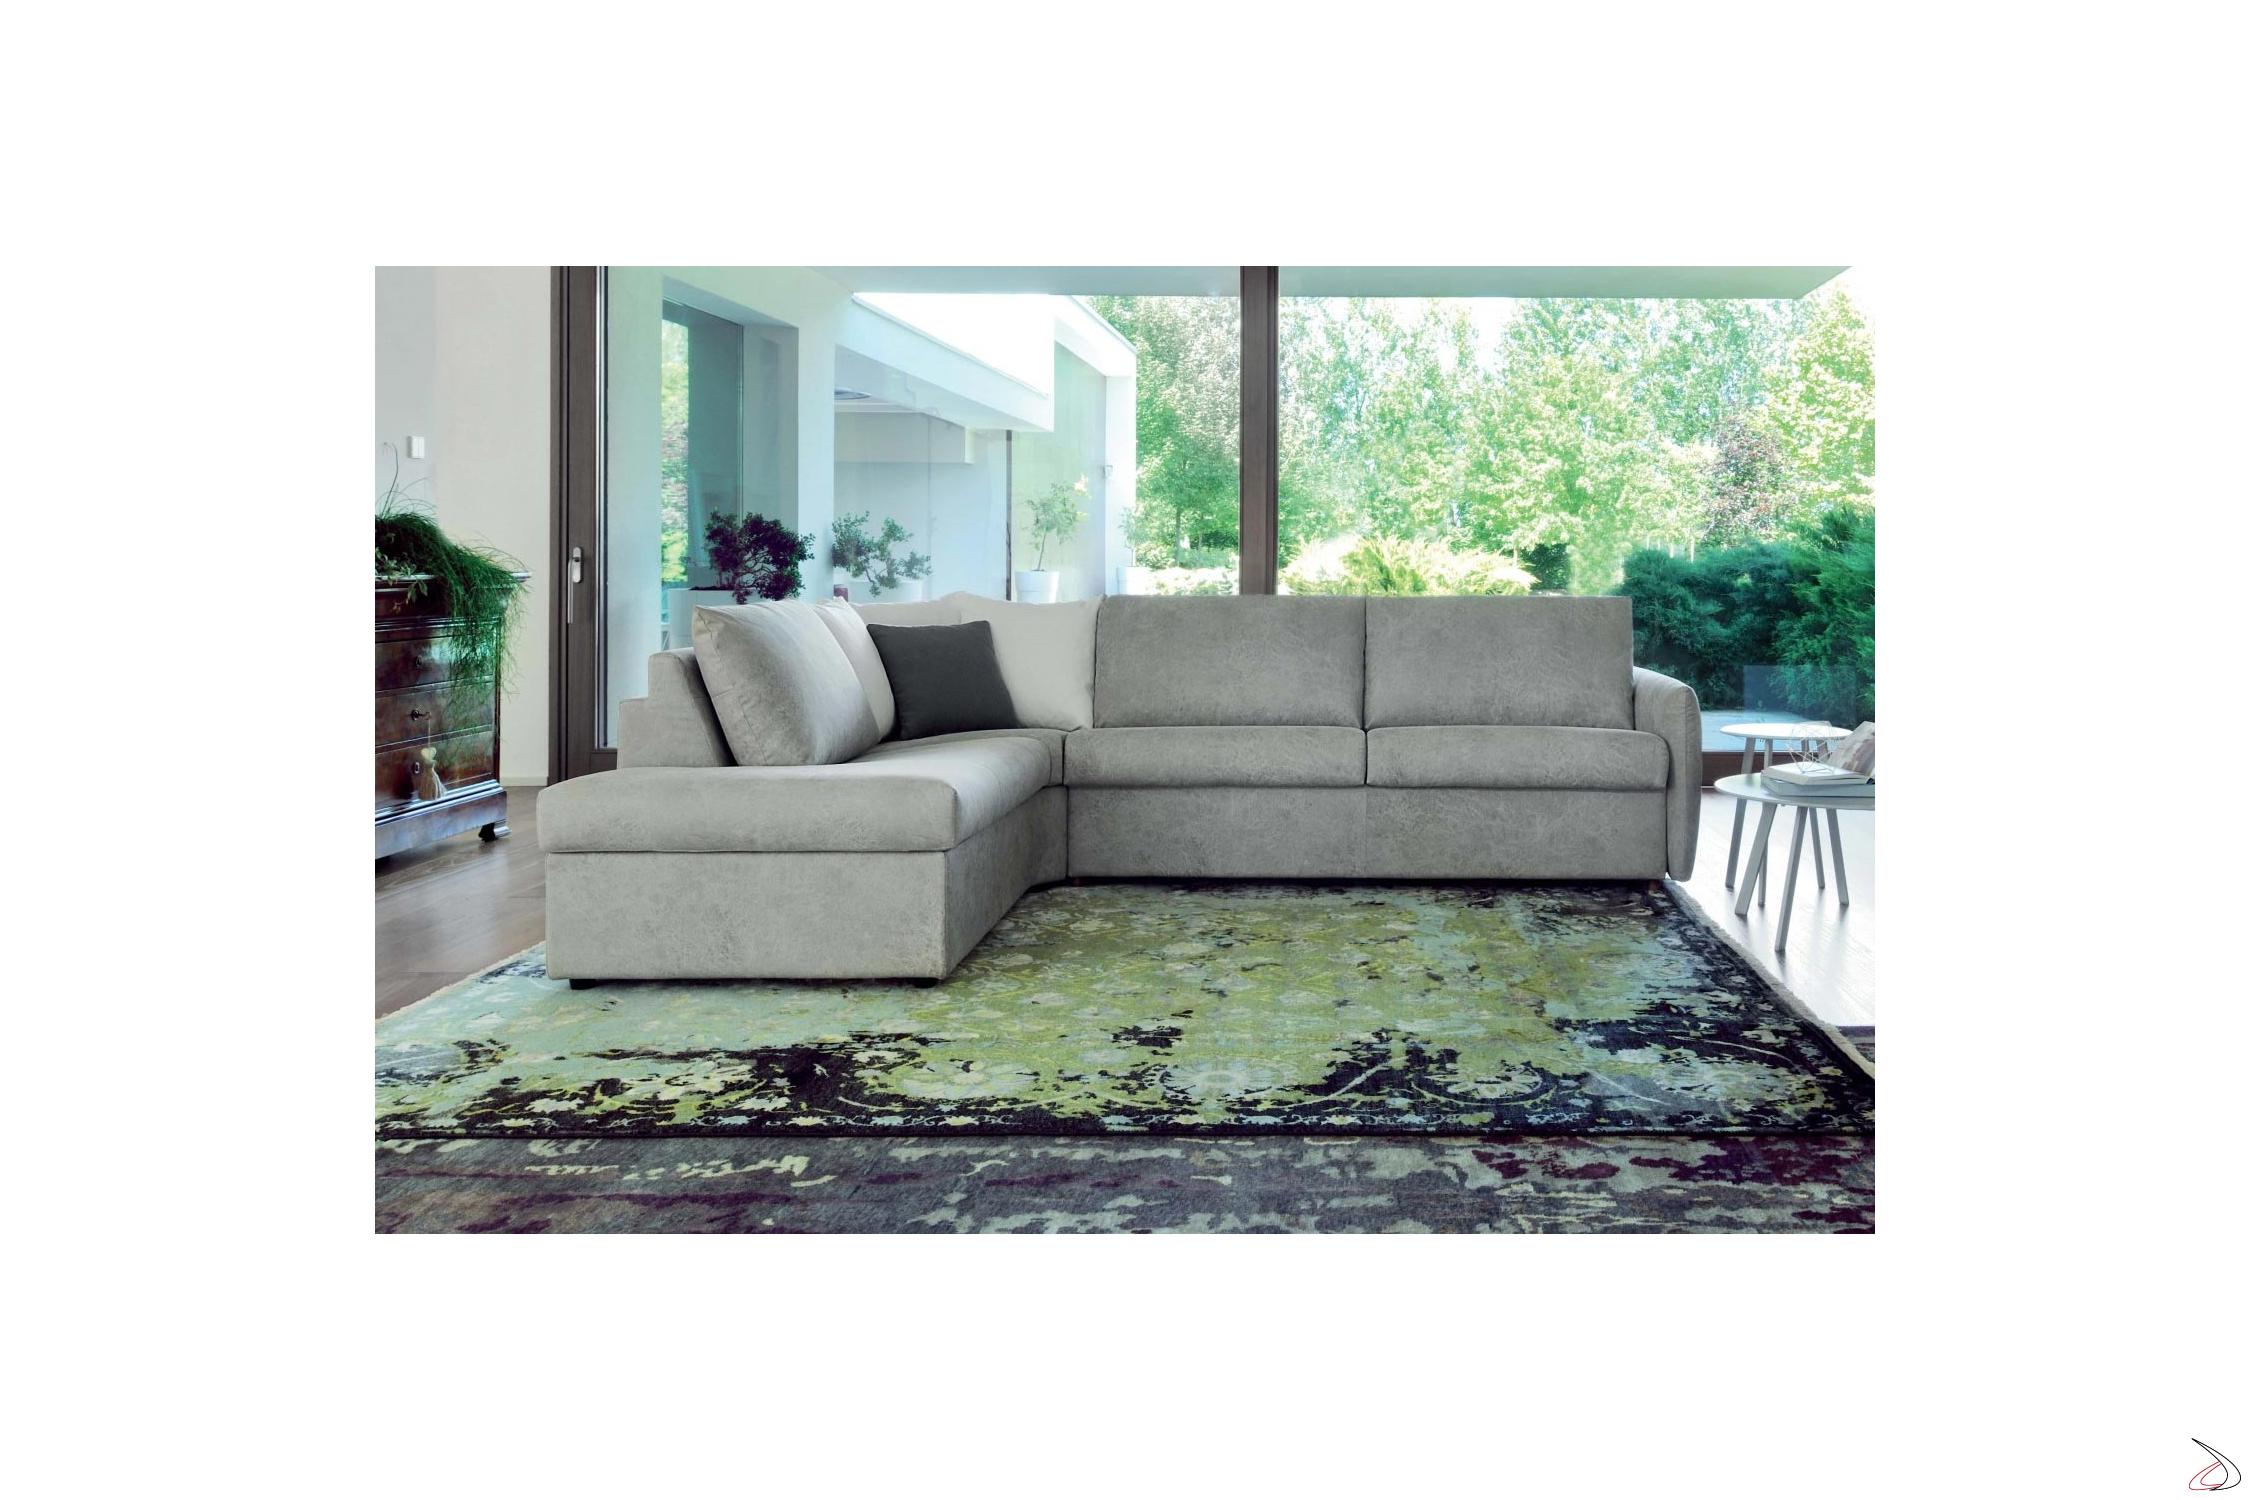 Divano Letto Design.Alvise Sofa Bed With Chaise Lounge Toparredi Arredo Design Online